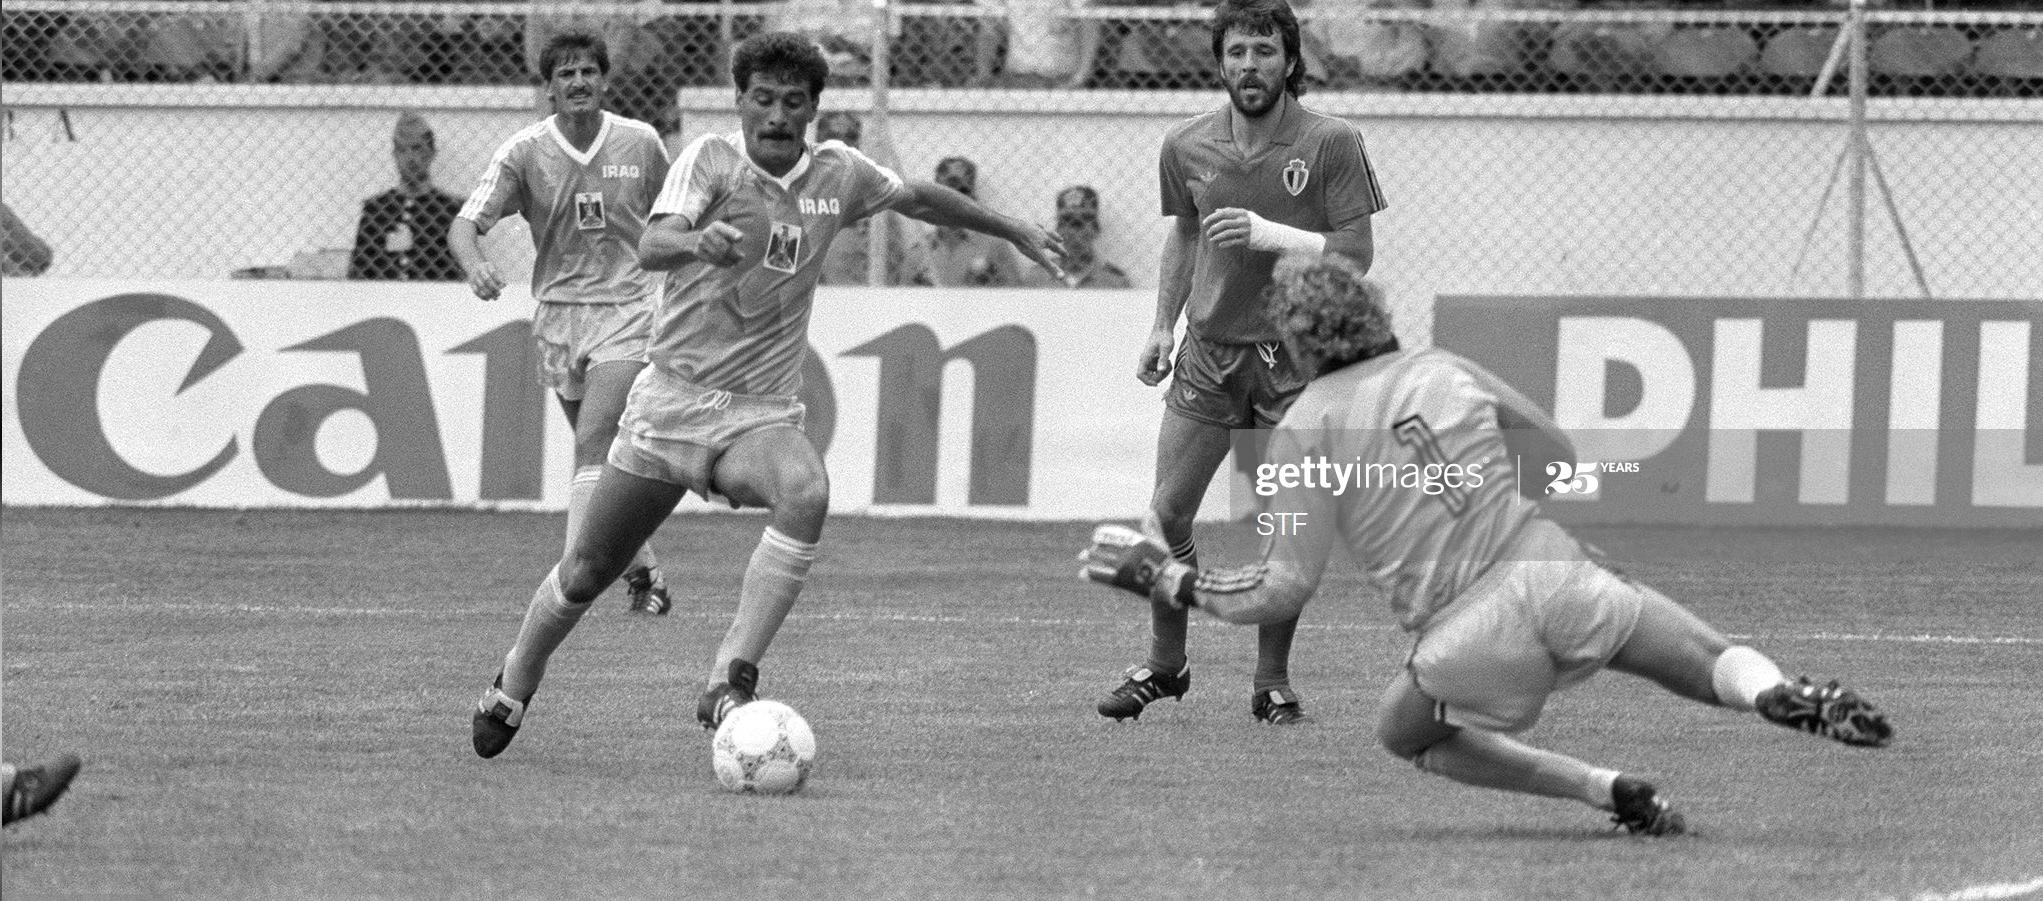 جان ماري بفاف عن المنتخب العراقي في كأس العالم 1986